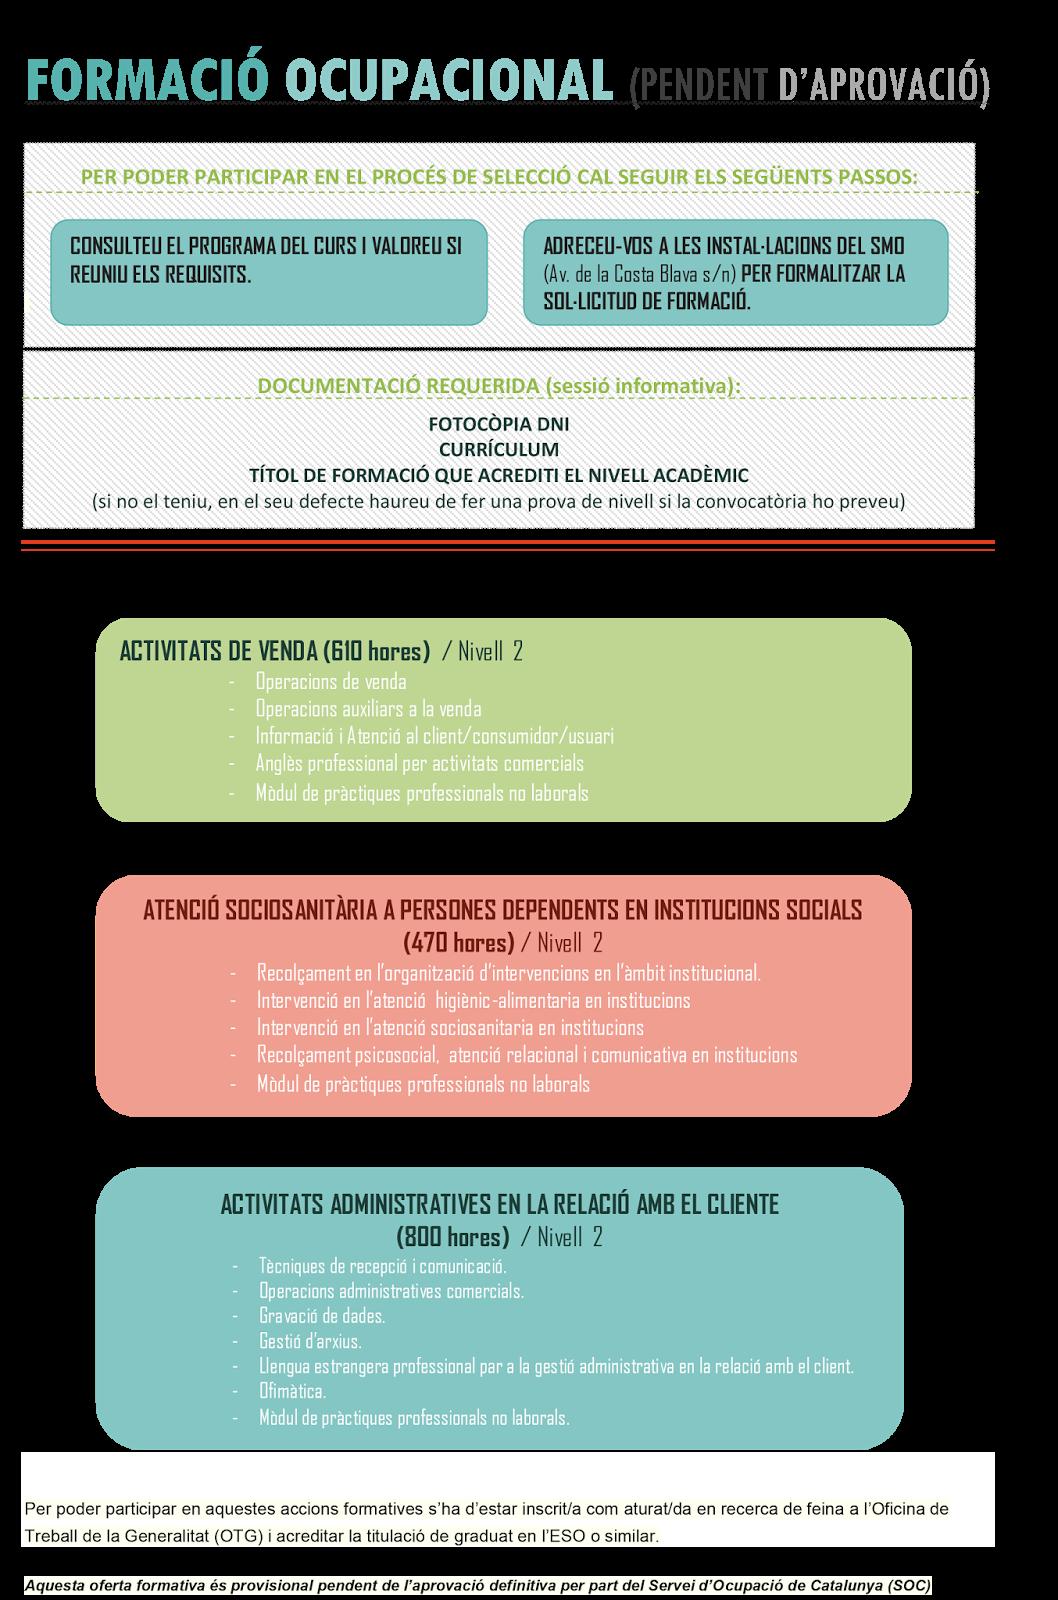 formacio-ocupacional-2015-2016-badia